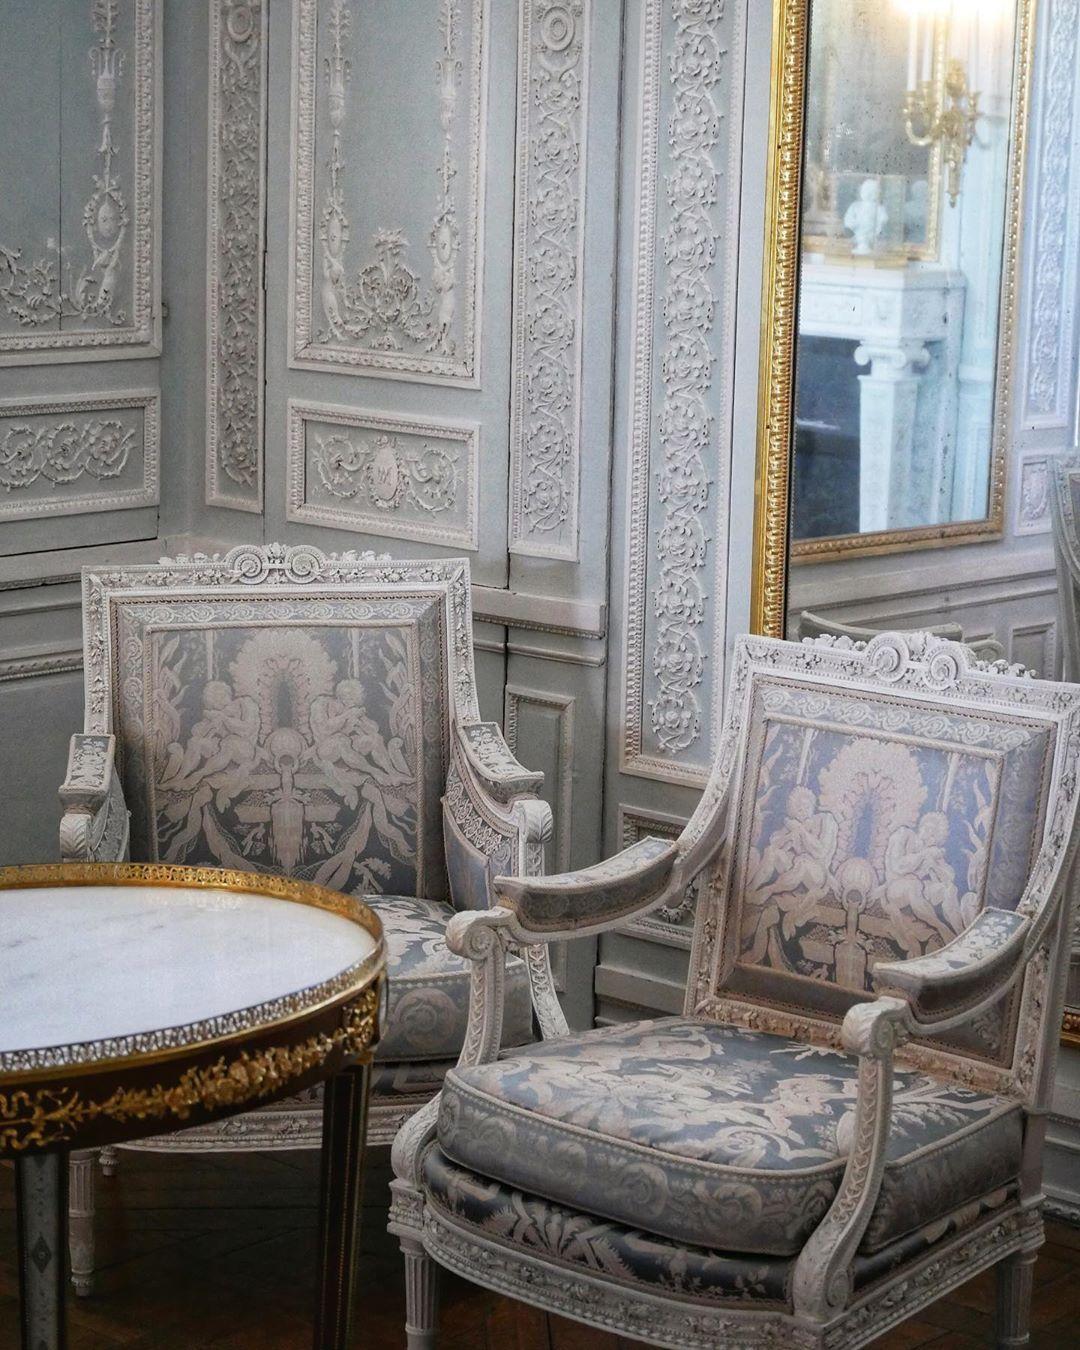 Versailles Mon Amour On Instagram Joli Cabinet De Marie Antoinette Au Petit Trianon Du Chateauversailles Le Mobilier Rococo Decor Furniture Salon Furniture